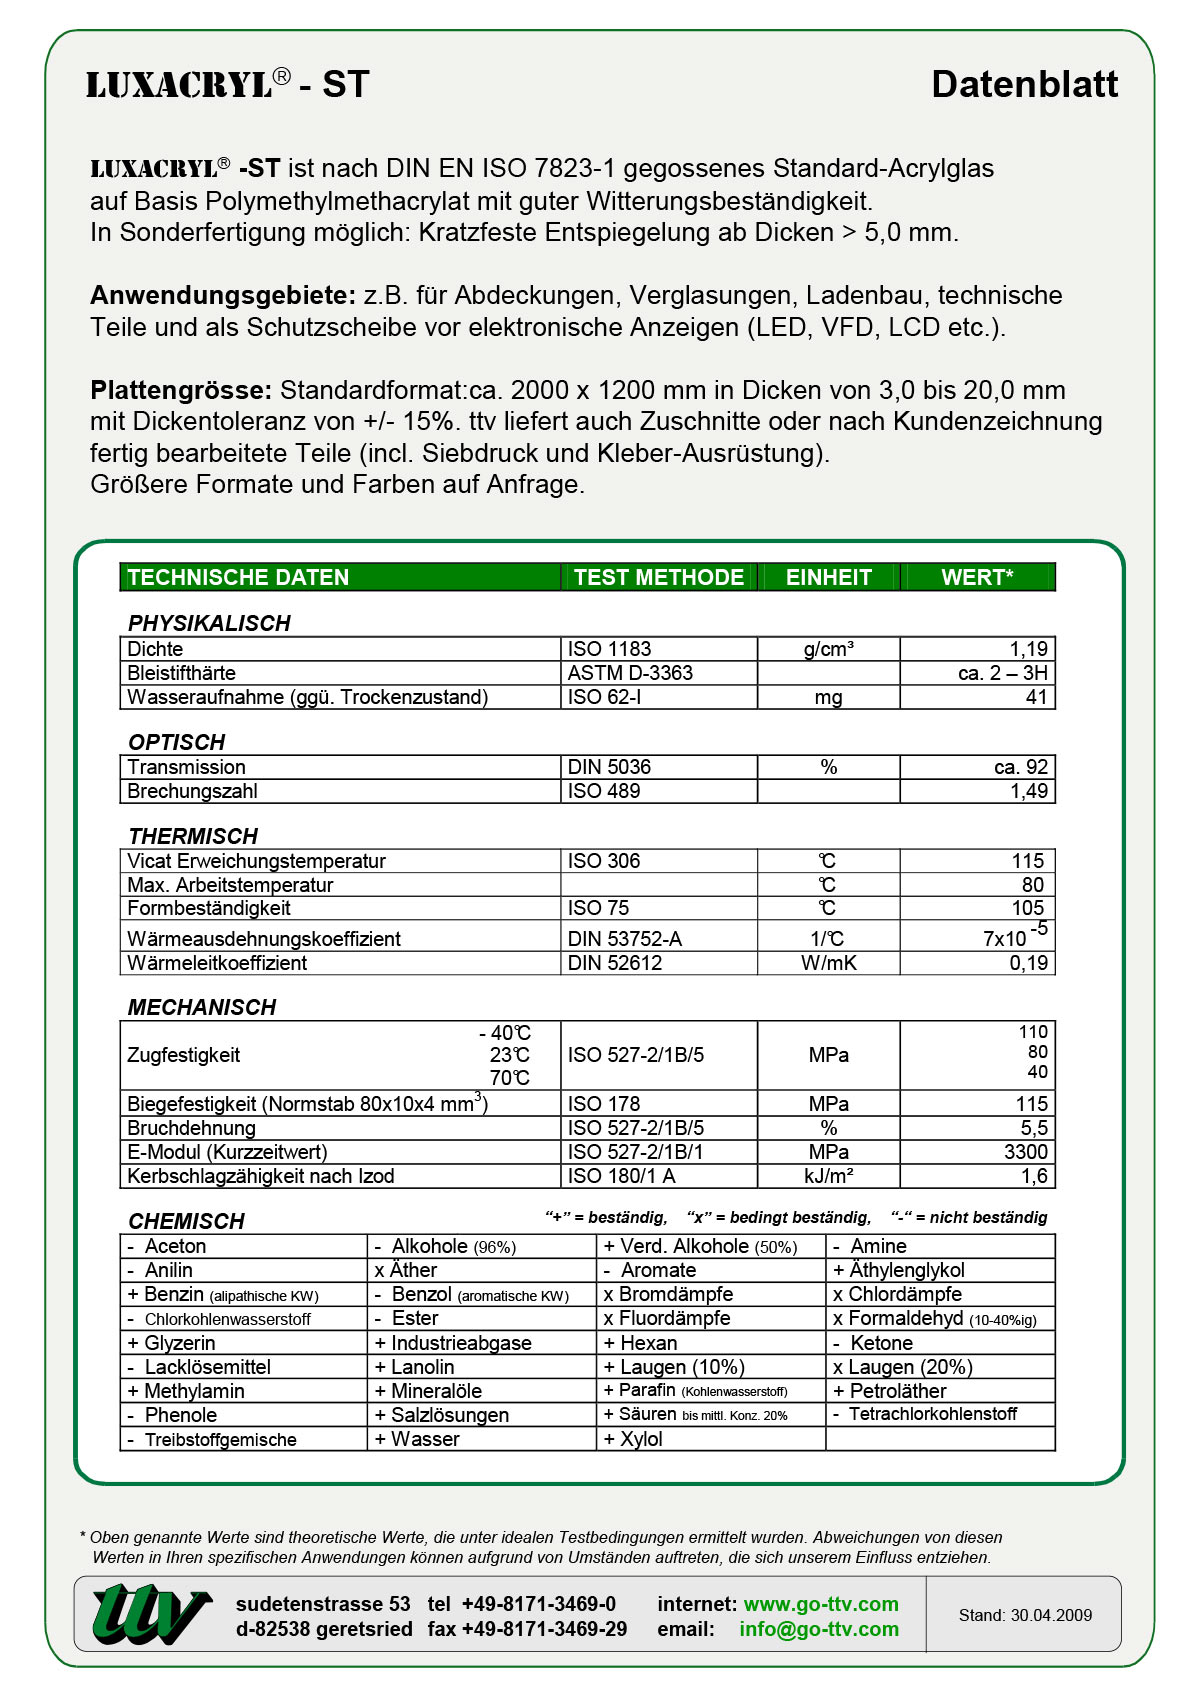 Luxacryl-ST Datenblatt